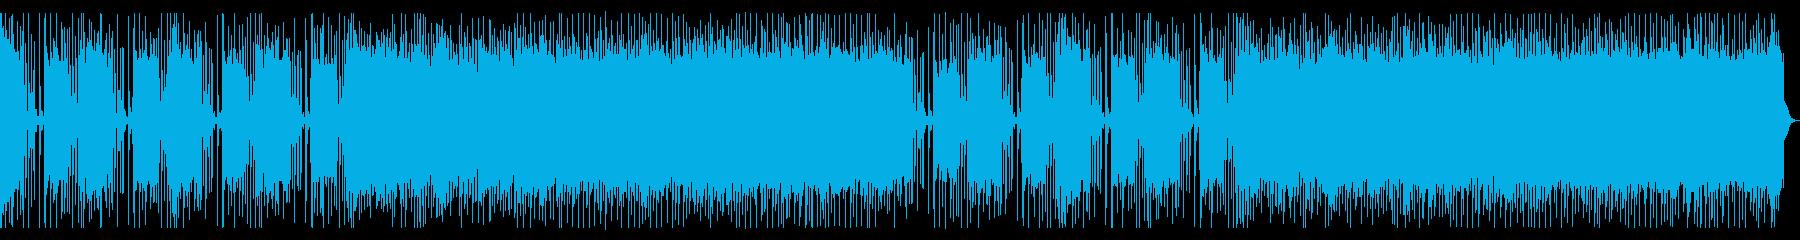 パワフル。シンプル。ギターロック。の再生済みの波形